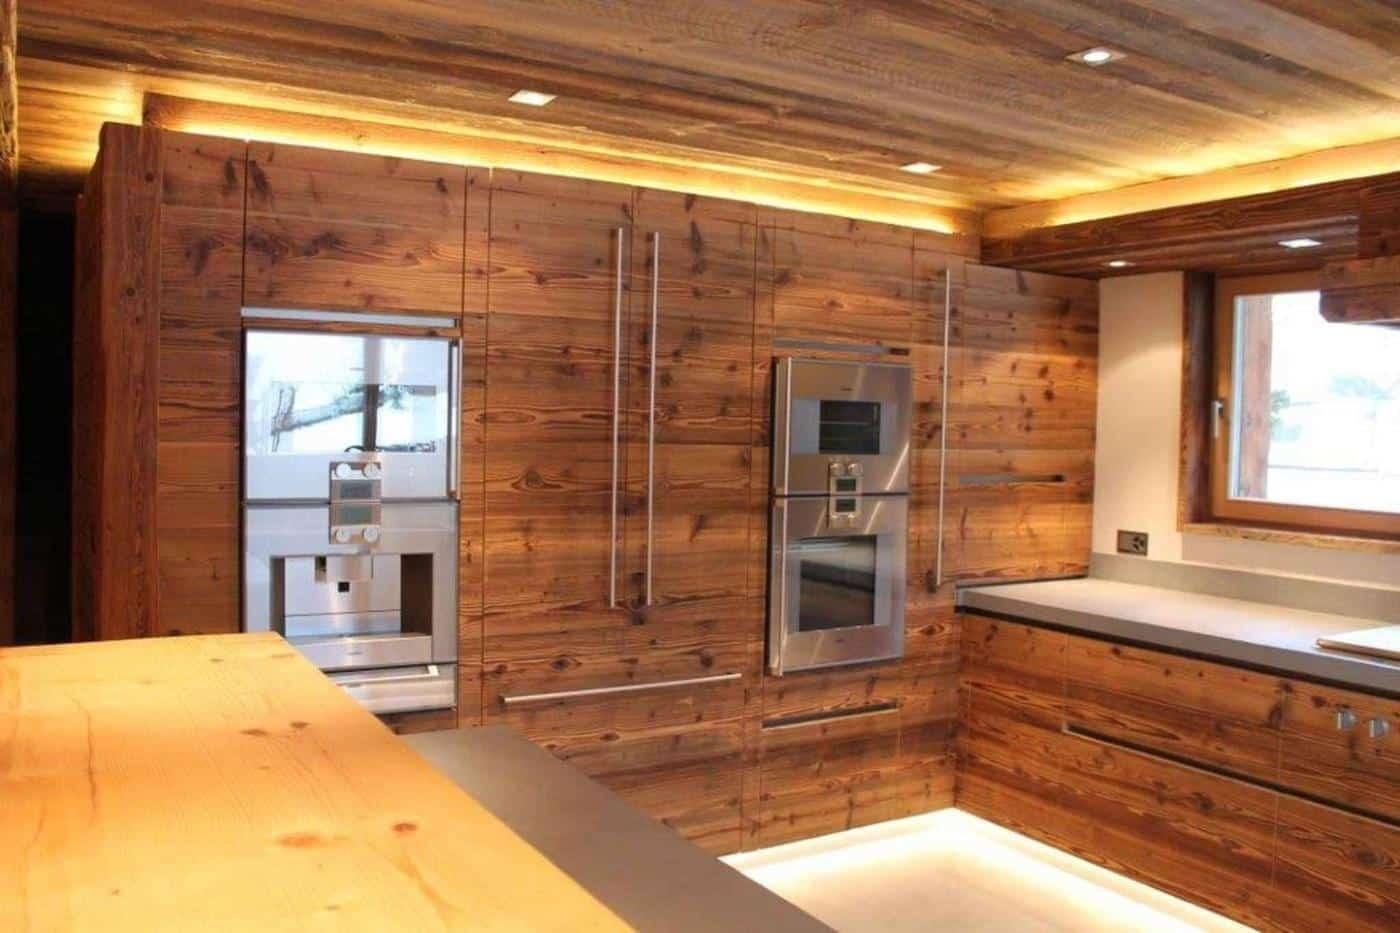 À vendre : Appartement 4 chambres Villars sur ollon - Ref : 29533 | Naef Immobilier